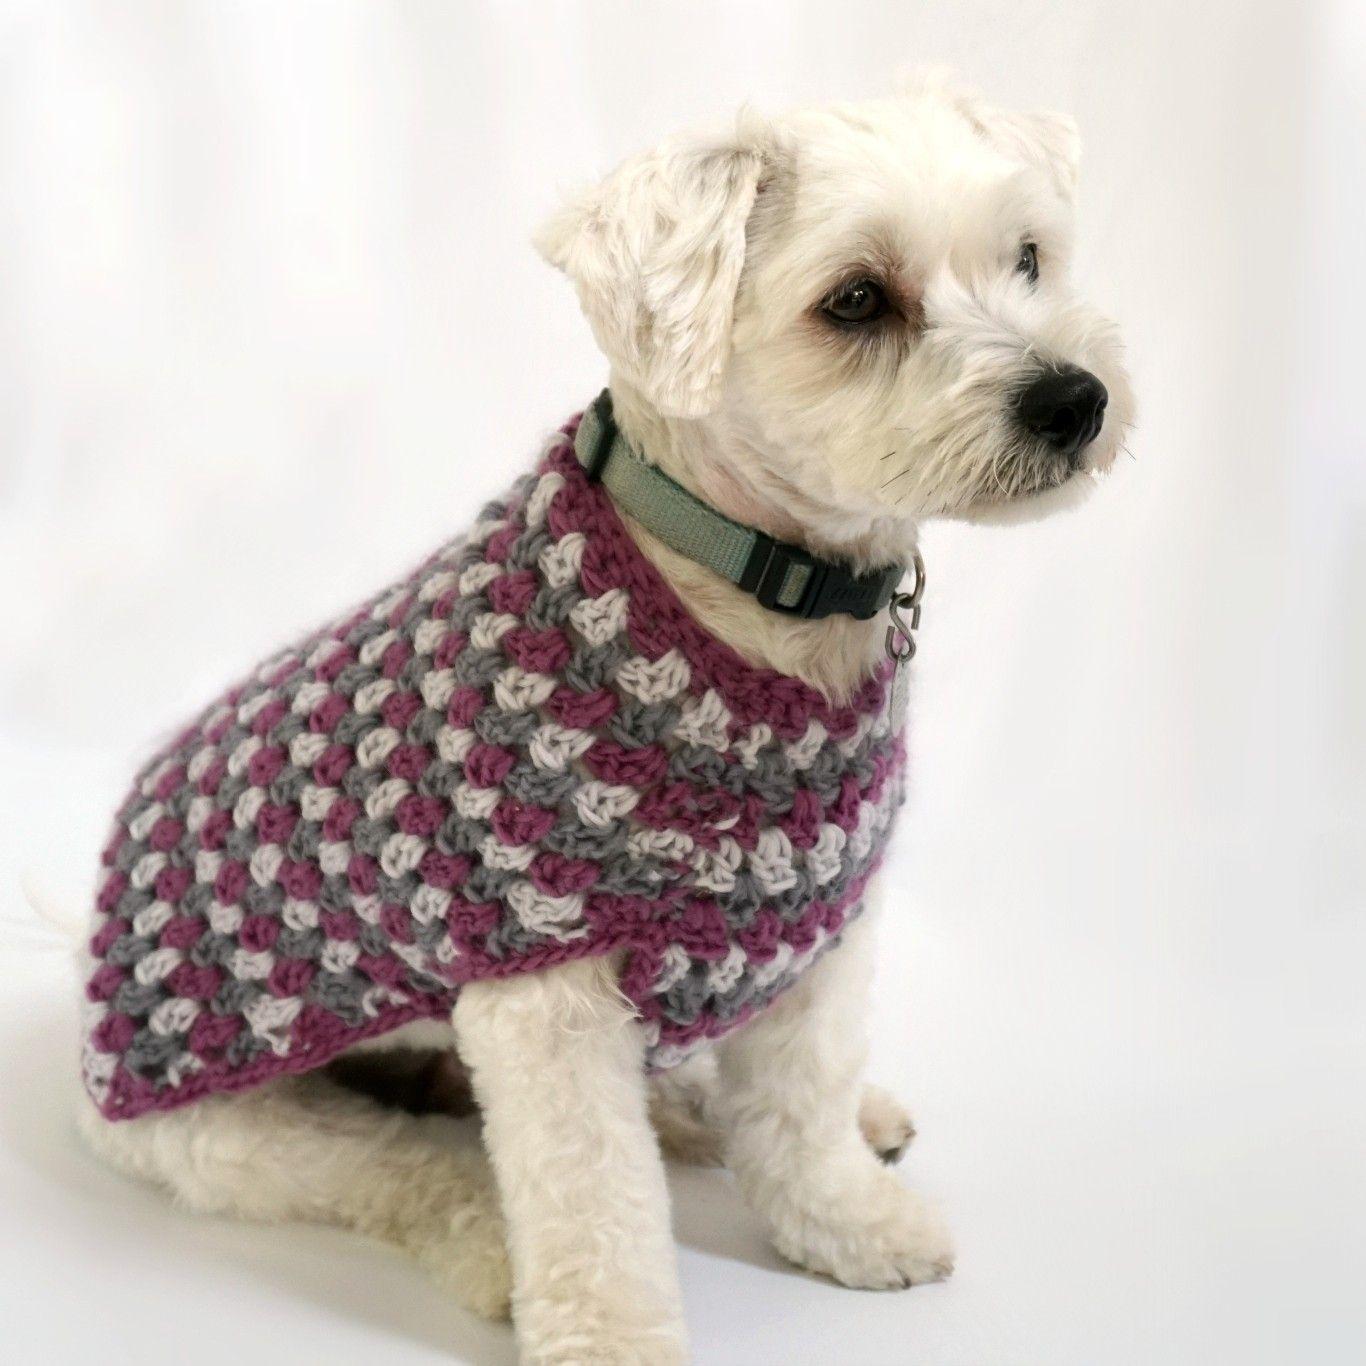 Crochet Kit - Well Dressed Dog Coat | Knit & Crochet for Pets ...